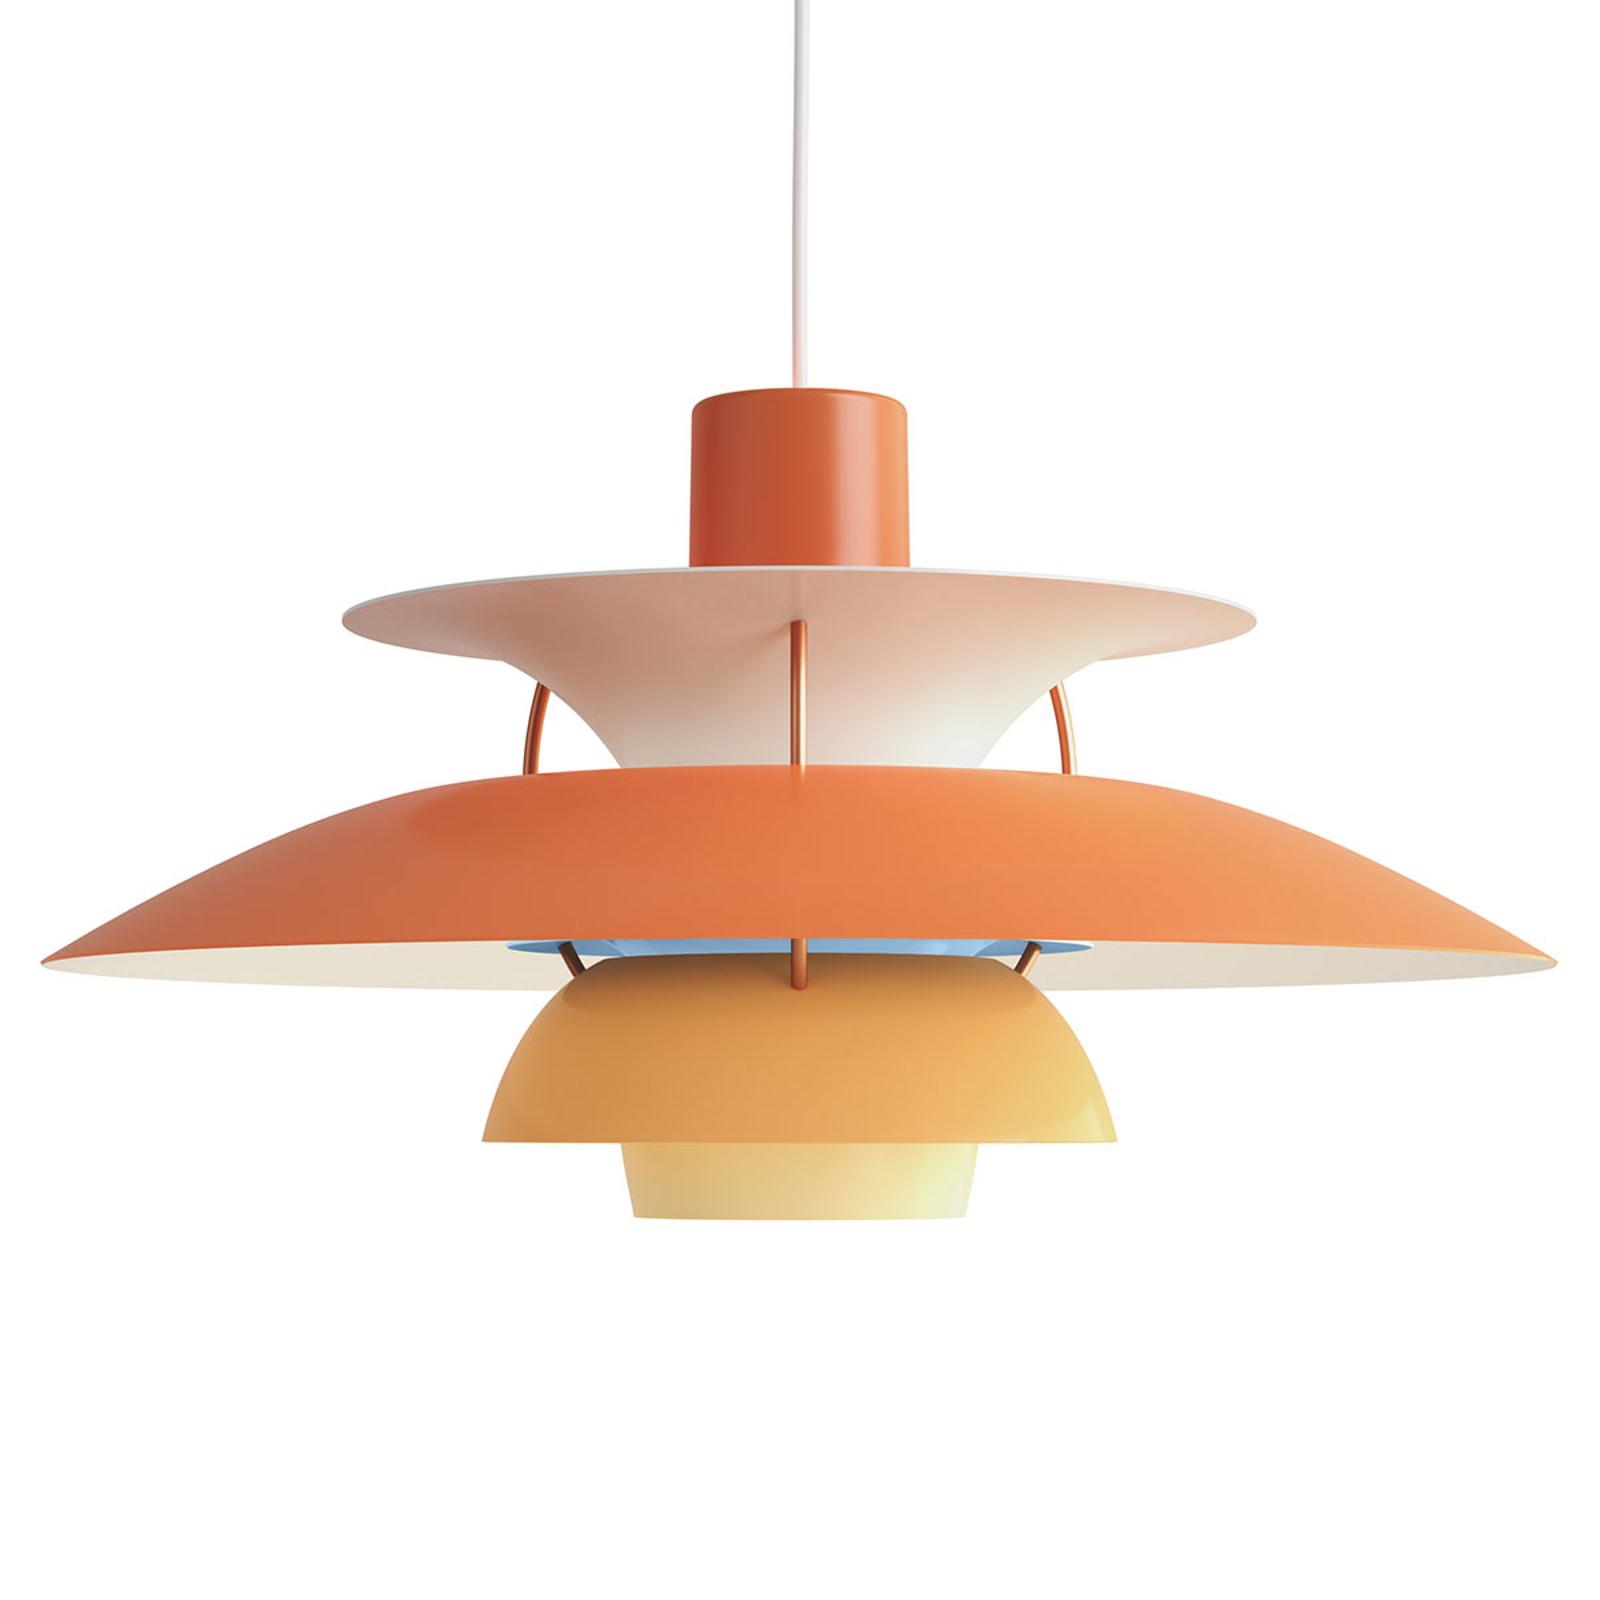 Deense designer hanglamp PH 5, oranje